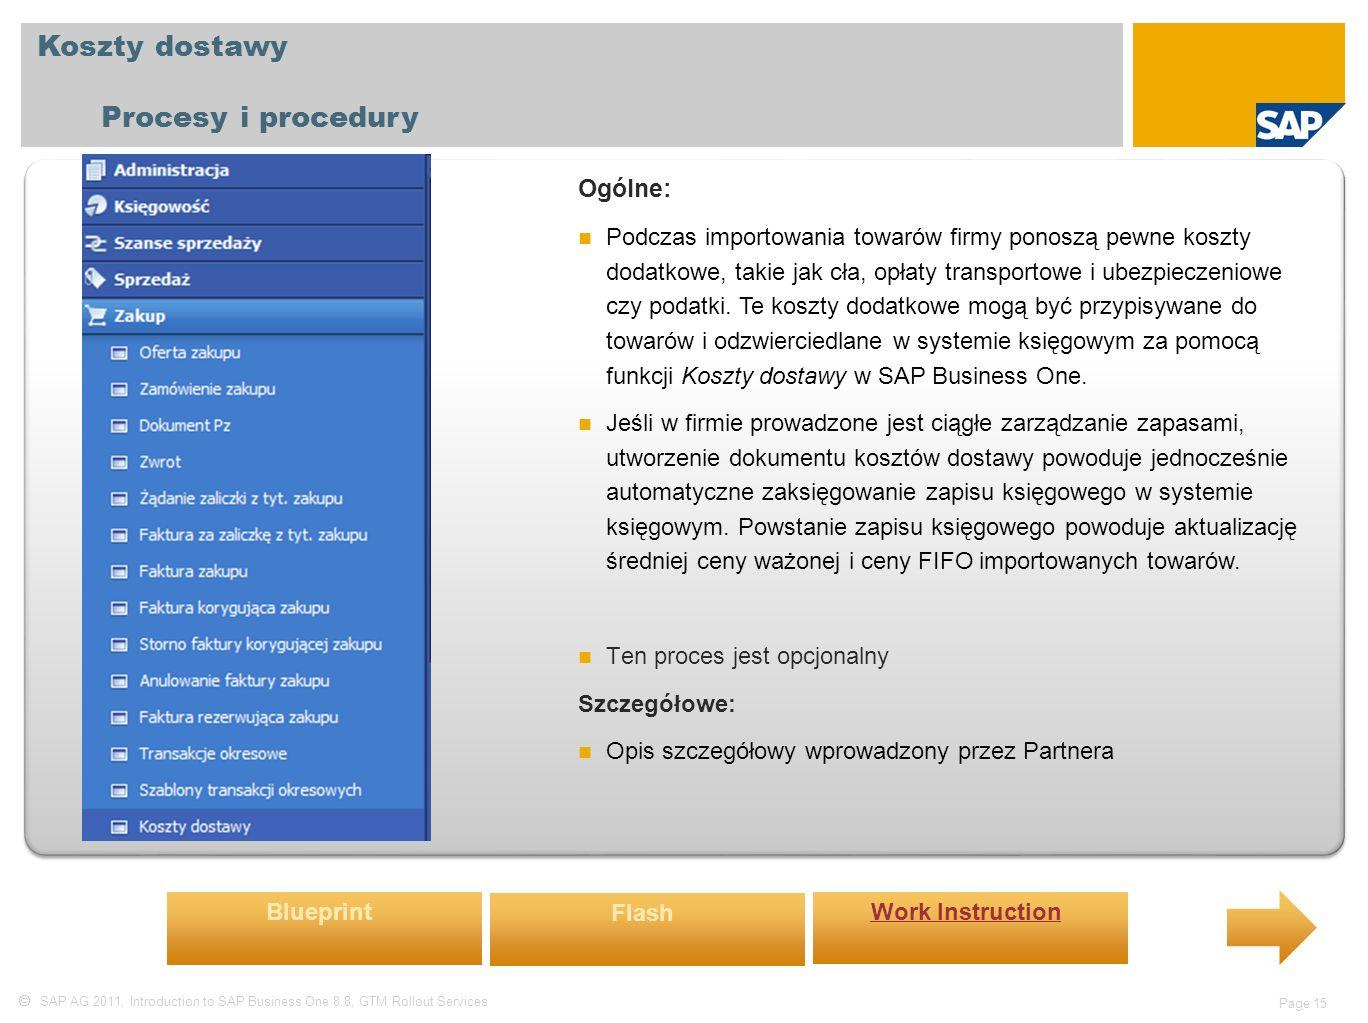  SAP AG 2011, Introduction to SAP Business One 8.8, GTM Rollout Services Page 15 Koszty dostawy Procesy i procedury Ogólne: Podczas importowania towa